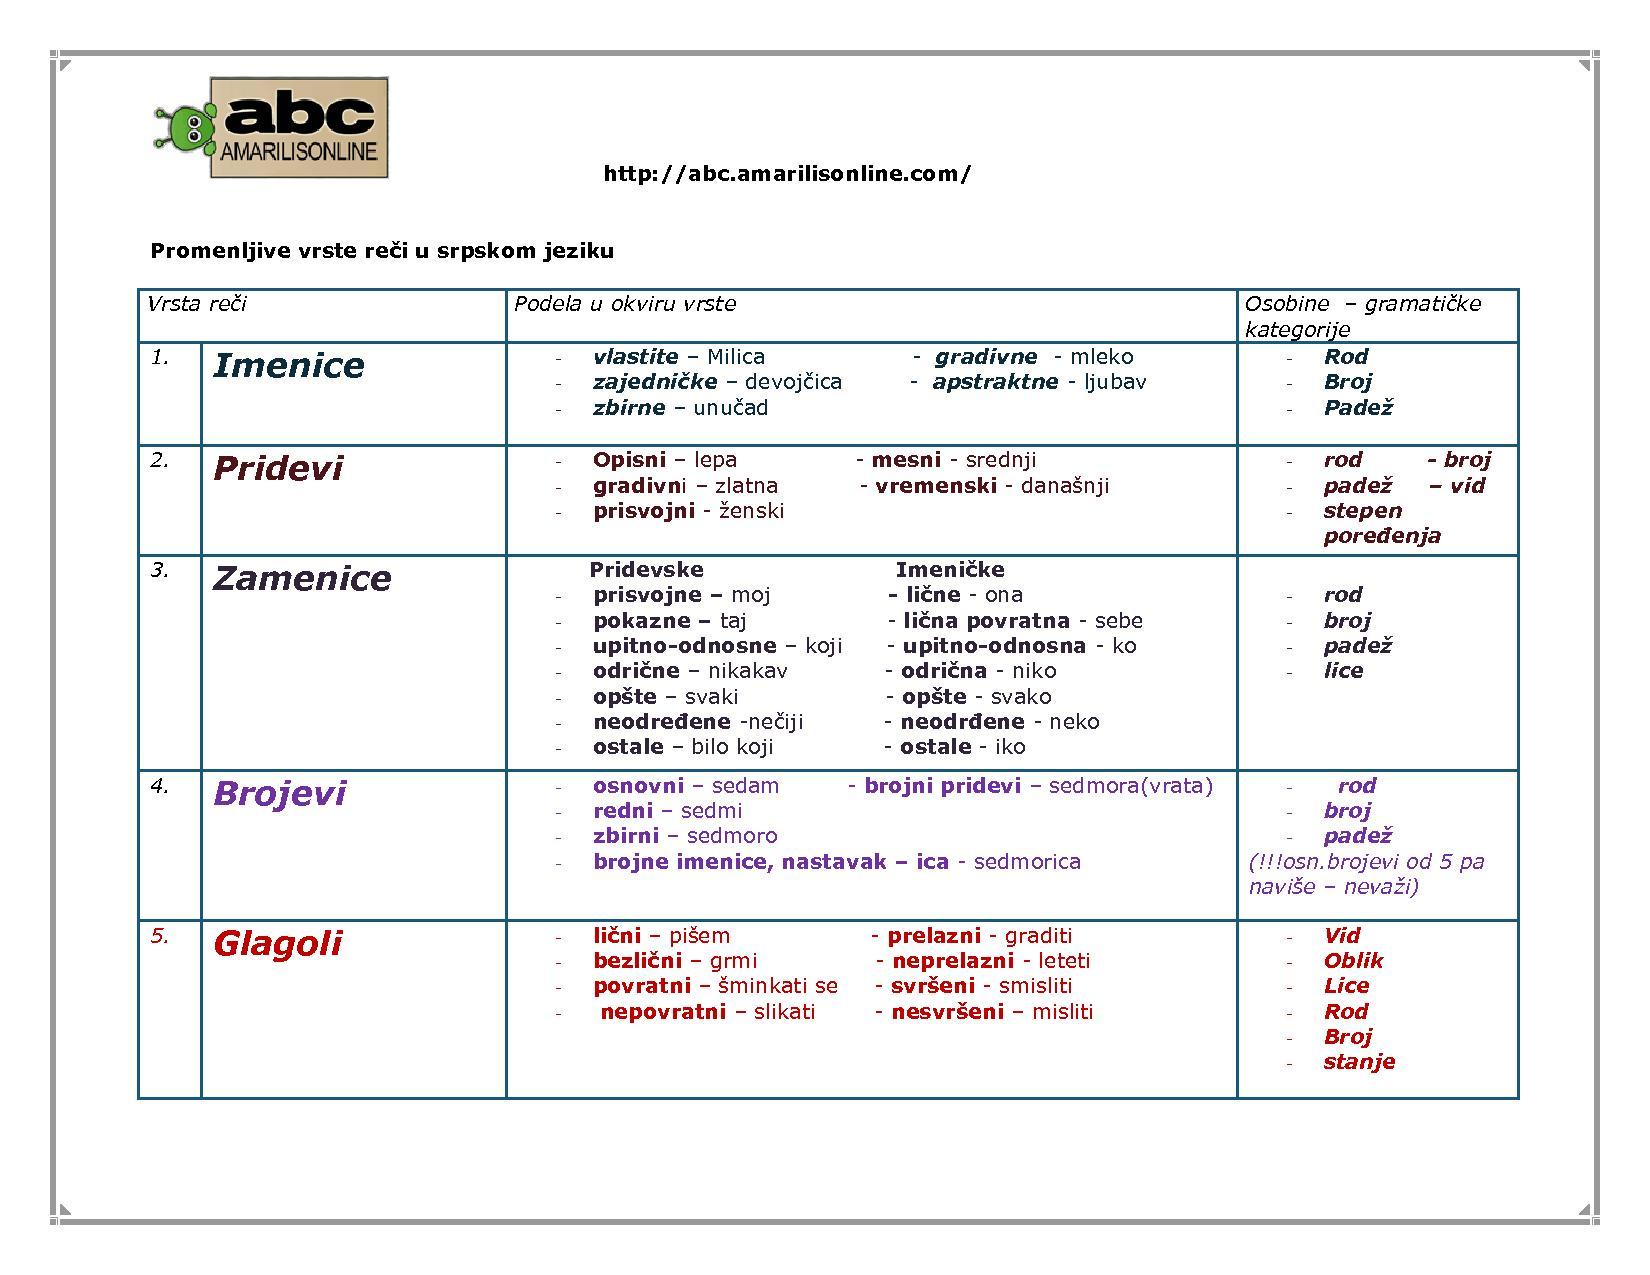 jeziku tabela konjunktiv u nemačkom jeziku pojam uvodni post glagoli